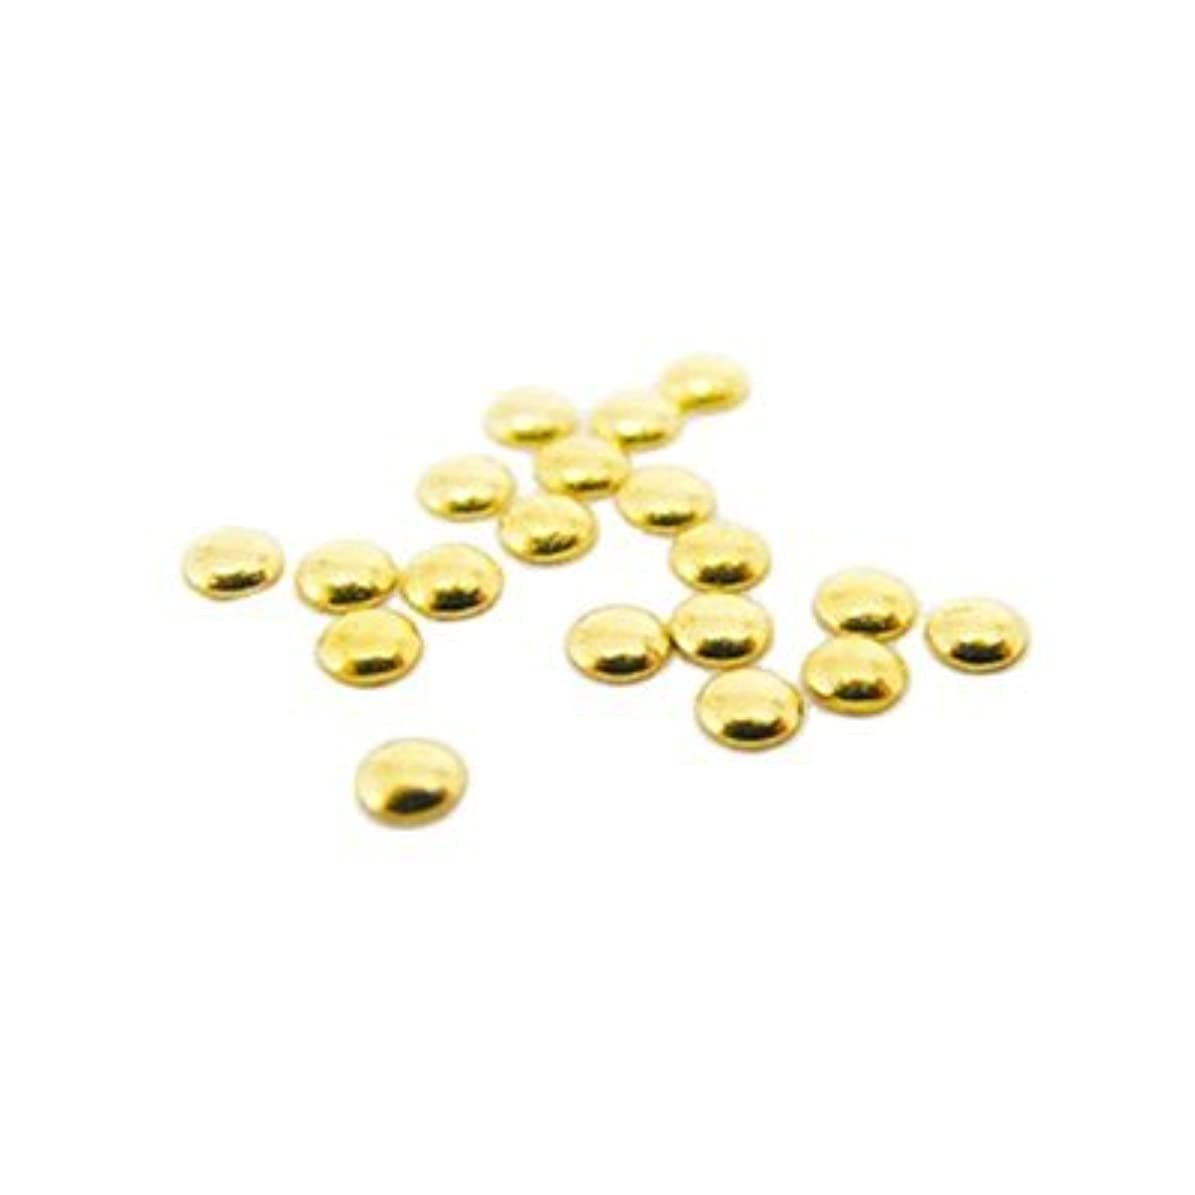 安定しました不快な体操ピアドラ スタッズ 2.0mm 50P ゴールド